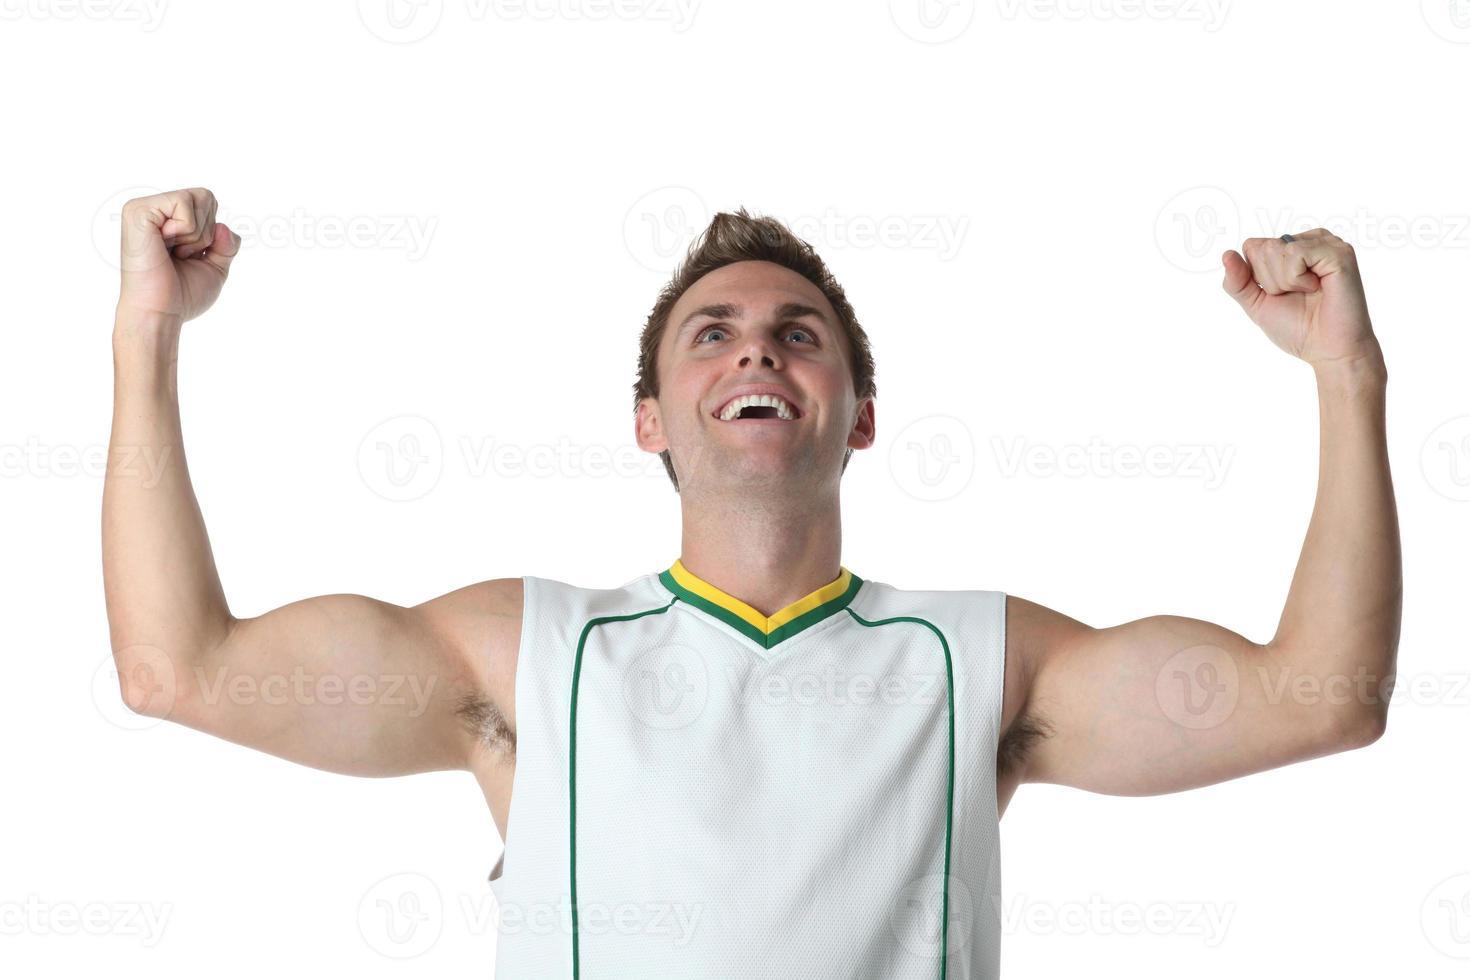 Athlete cheering photo